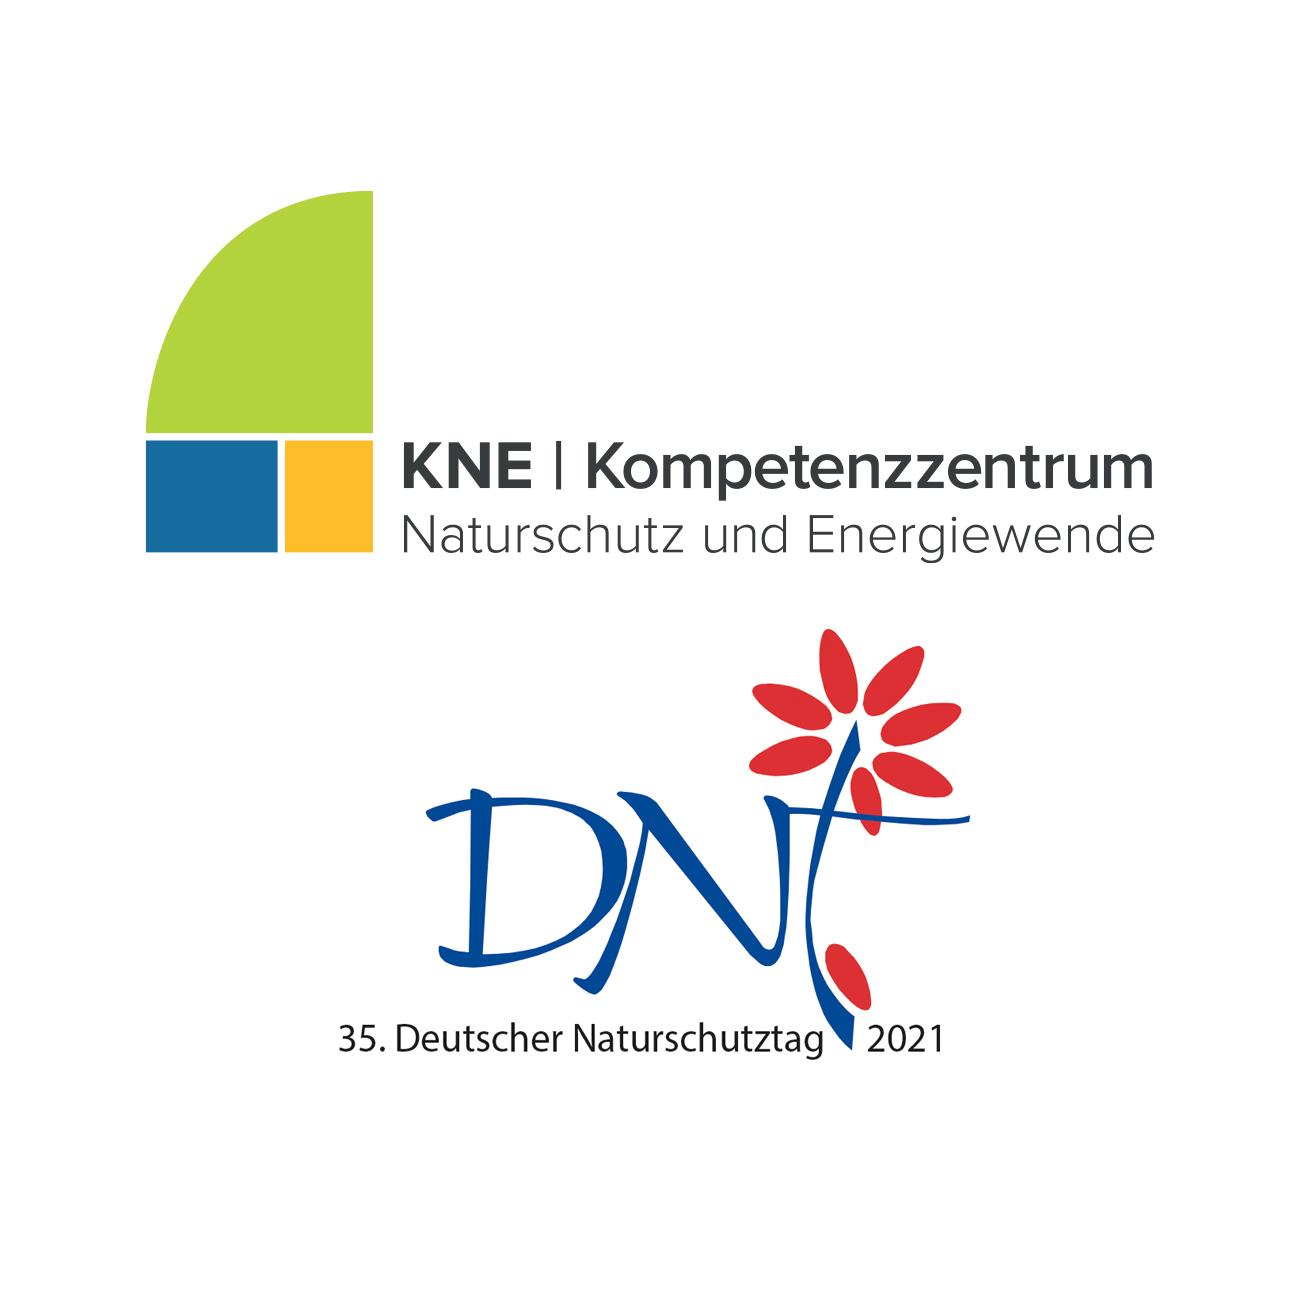 Kompetenzzentrum Naturschutz und Energiewende gGmbH und Bundesamt für Naturschutz und Deutscher Naturschutztag